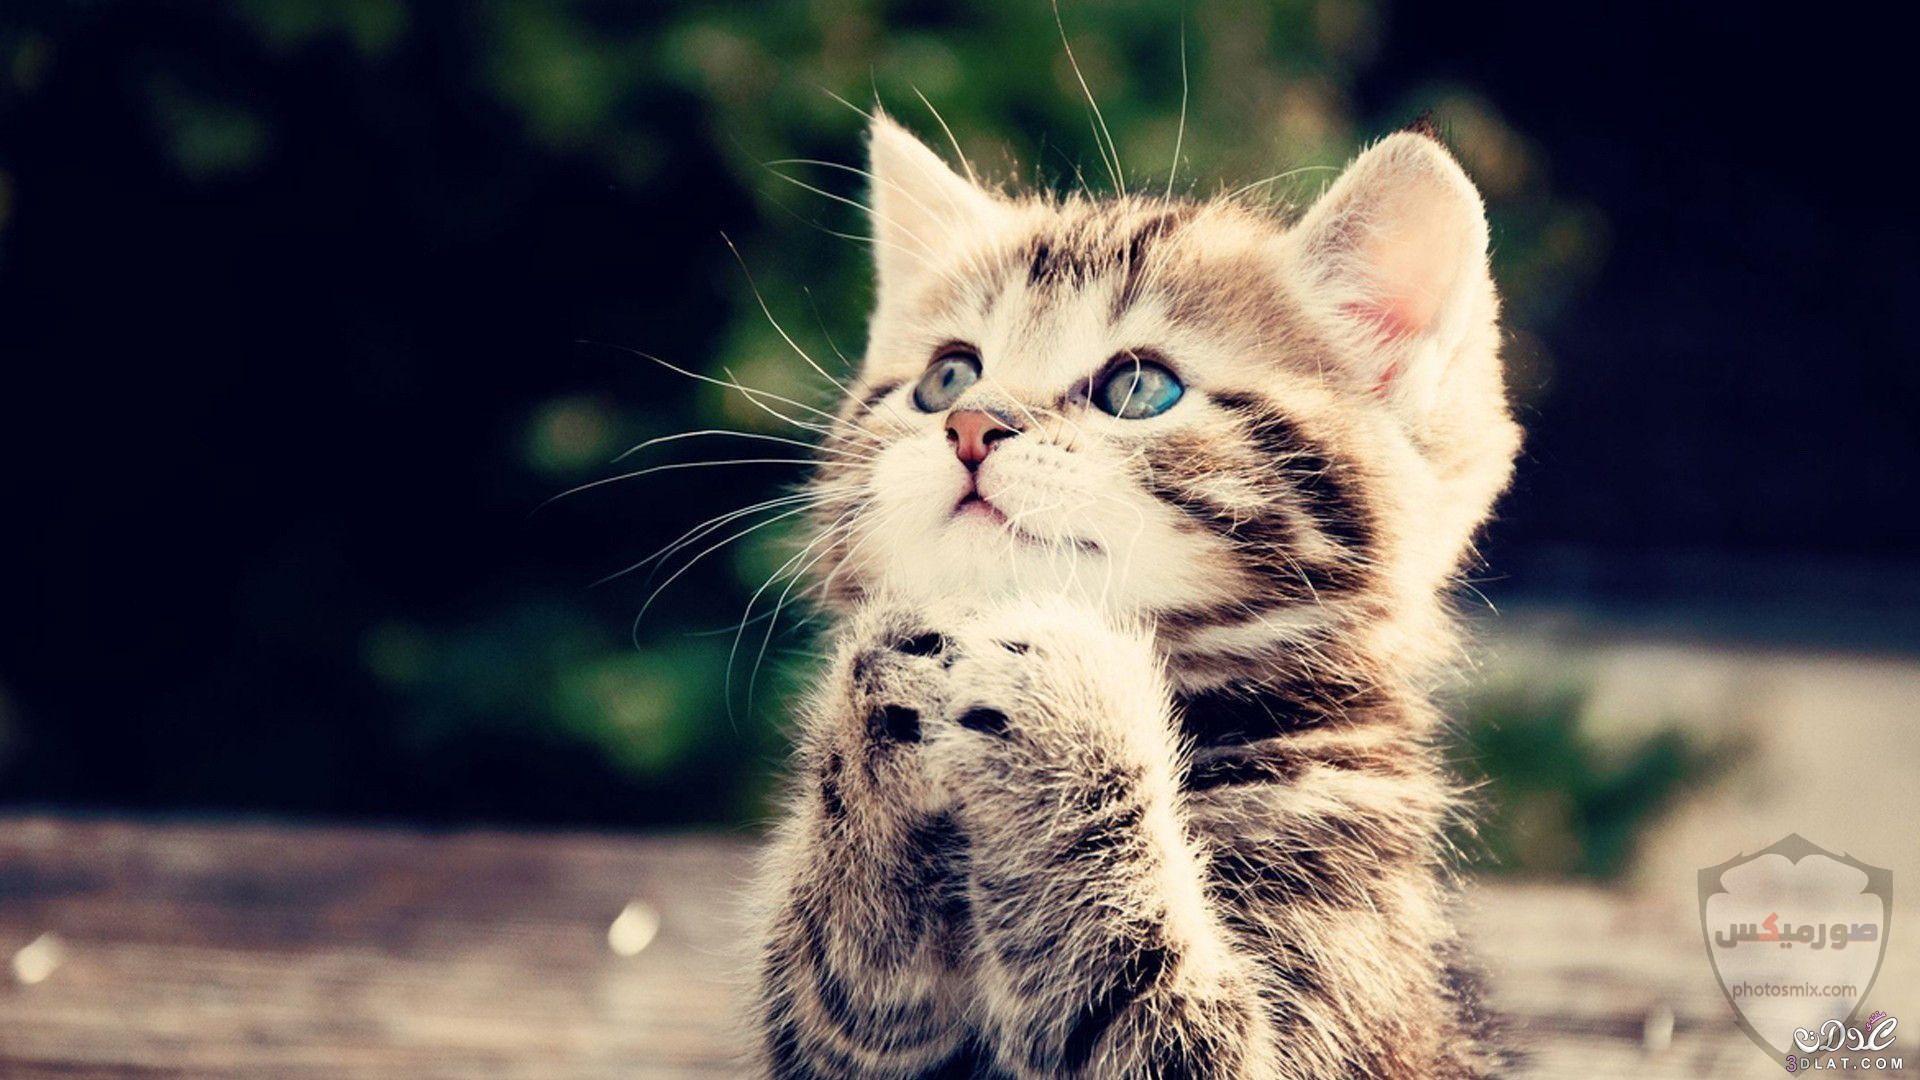 صور خلفيات رمزيات قطط كيوت صورة قطة كيوت جدا 36